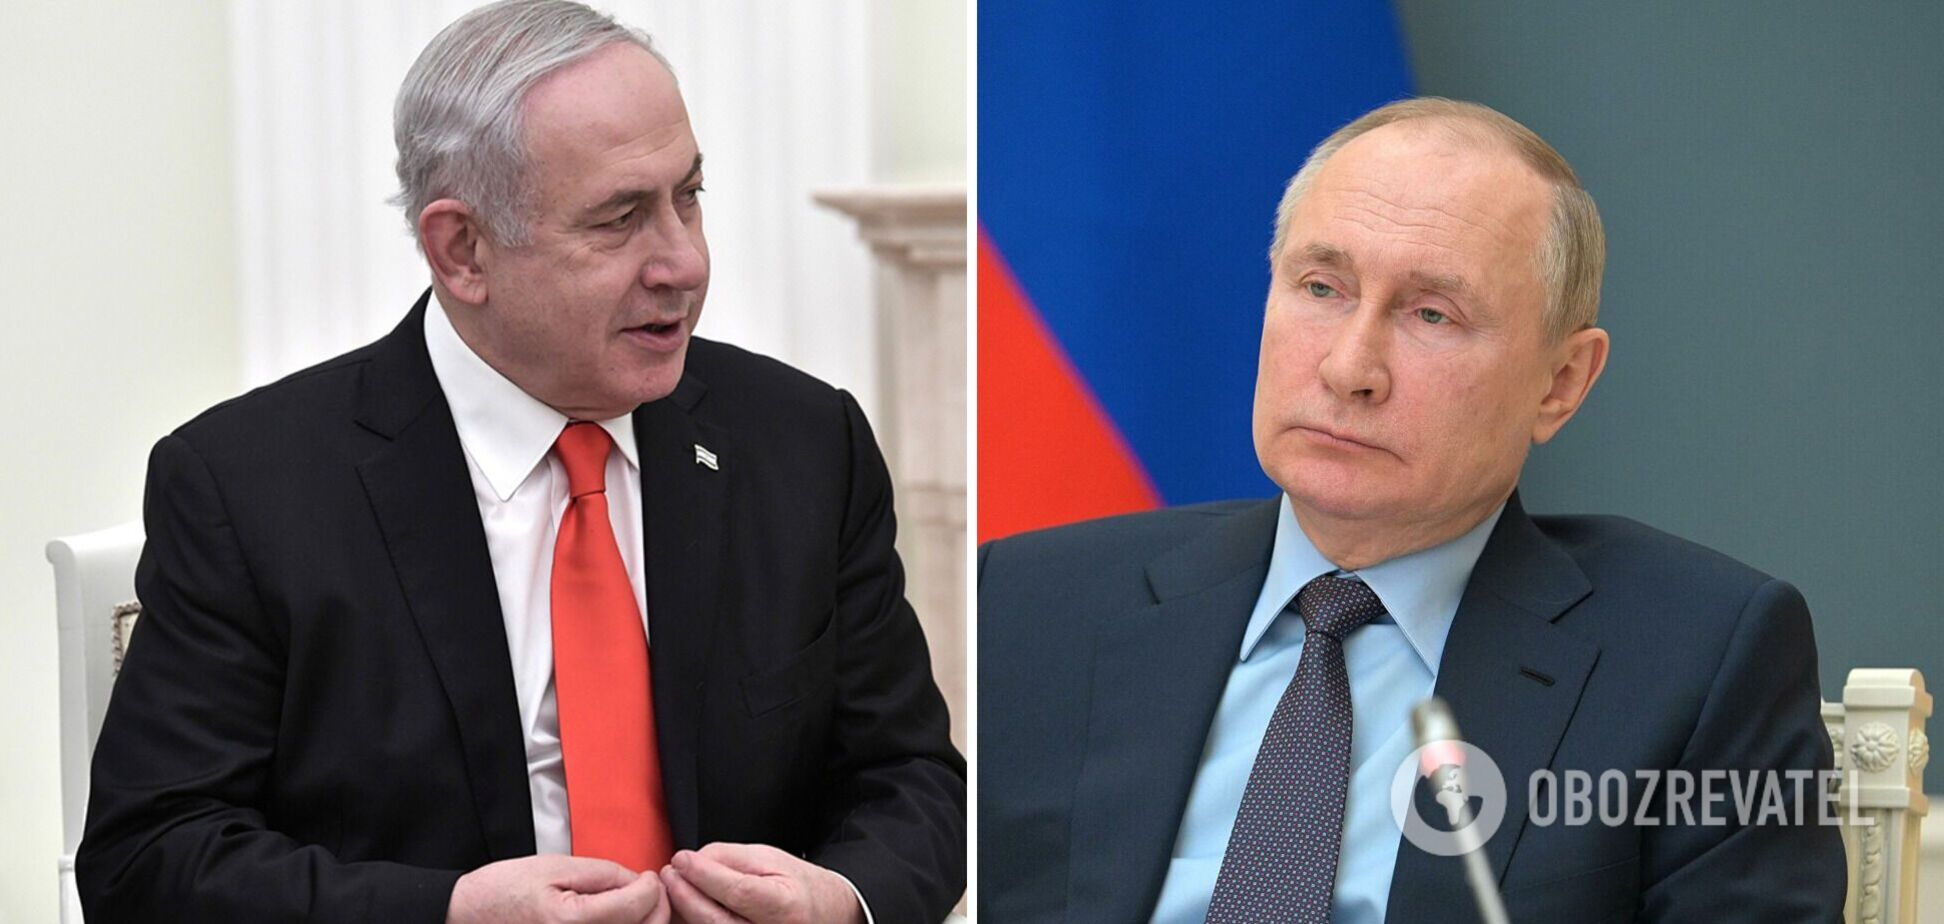 Нетаньяху, який може стати посередником між Україною і РФ, розповів Путіну про переговори з Києвом